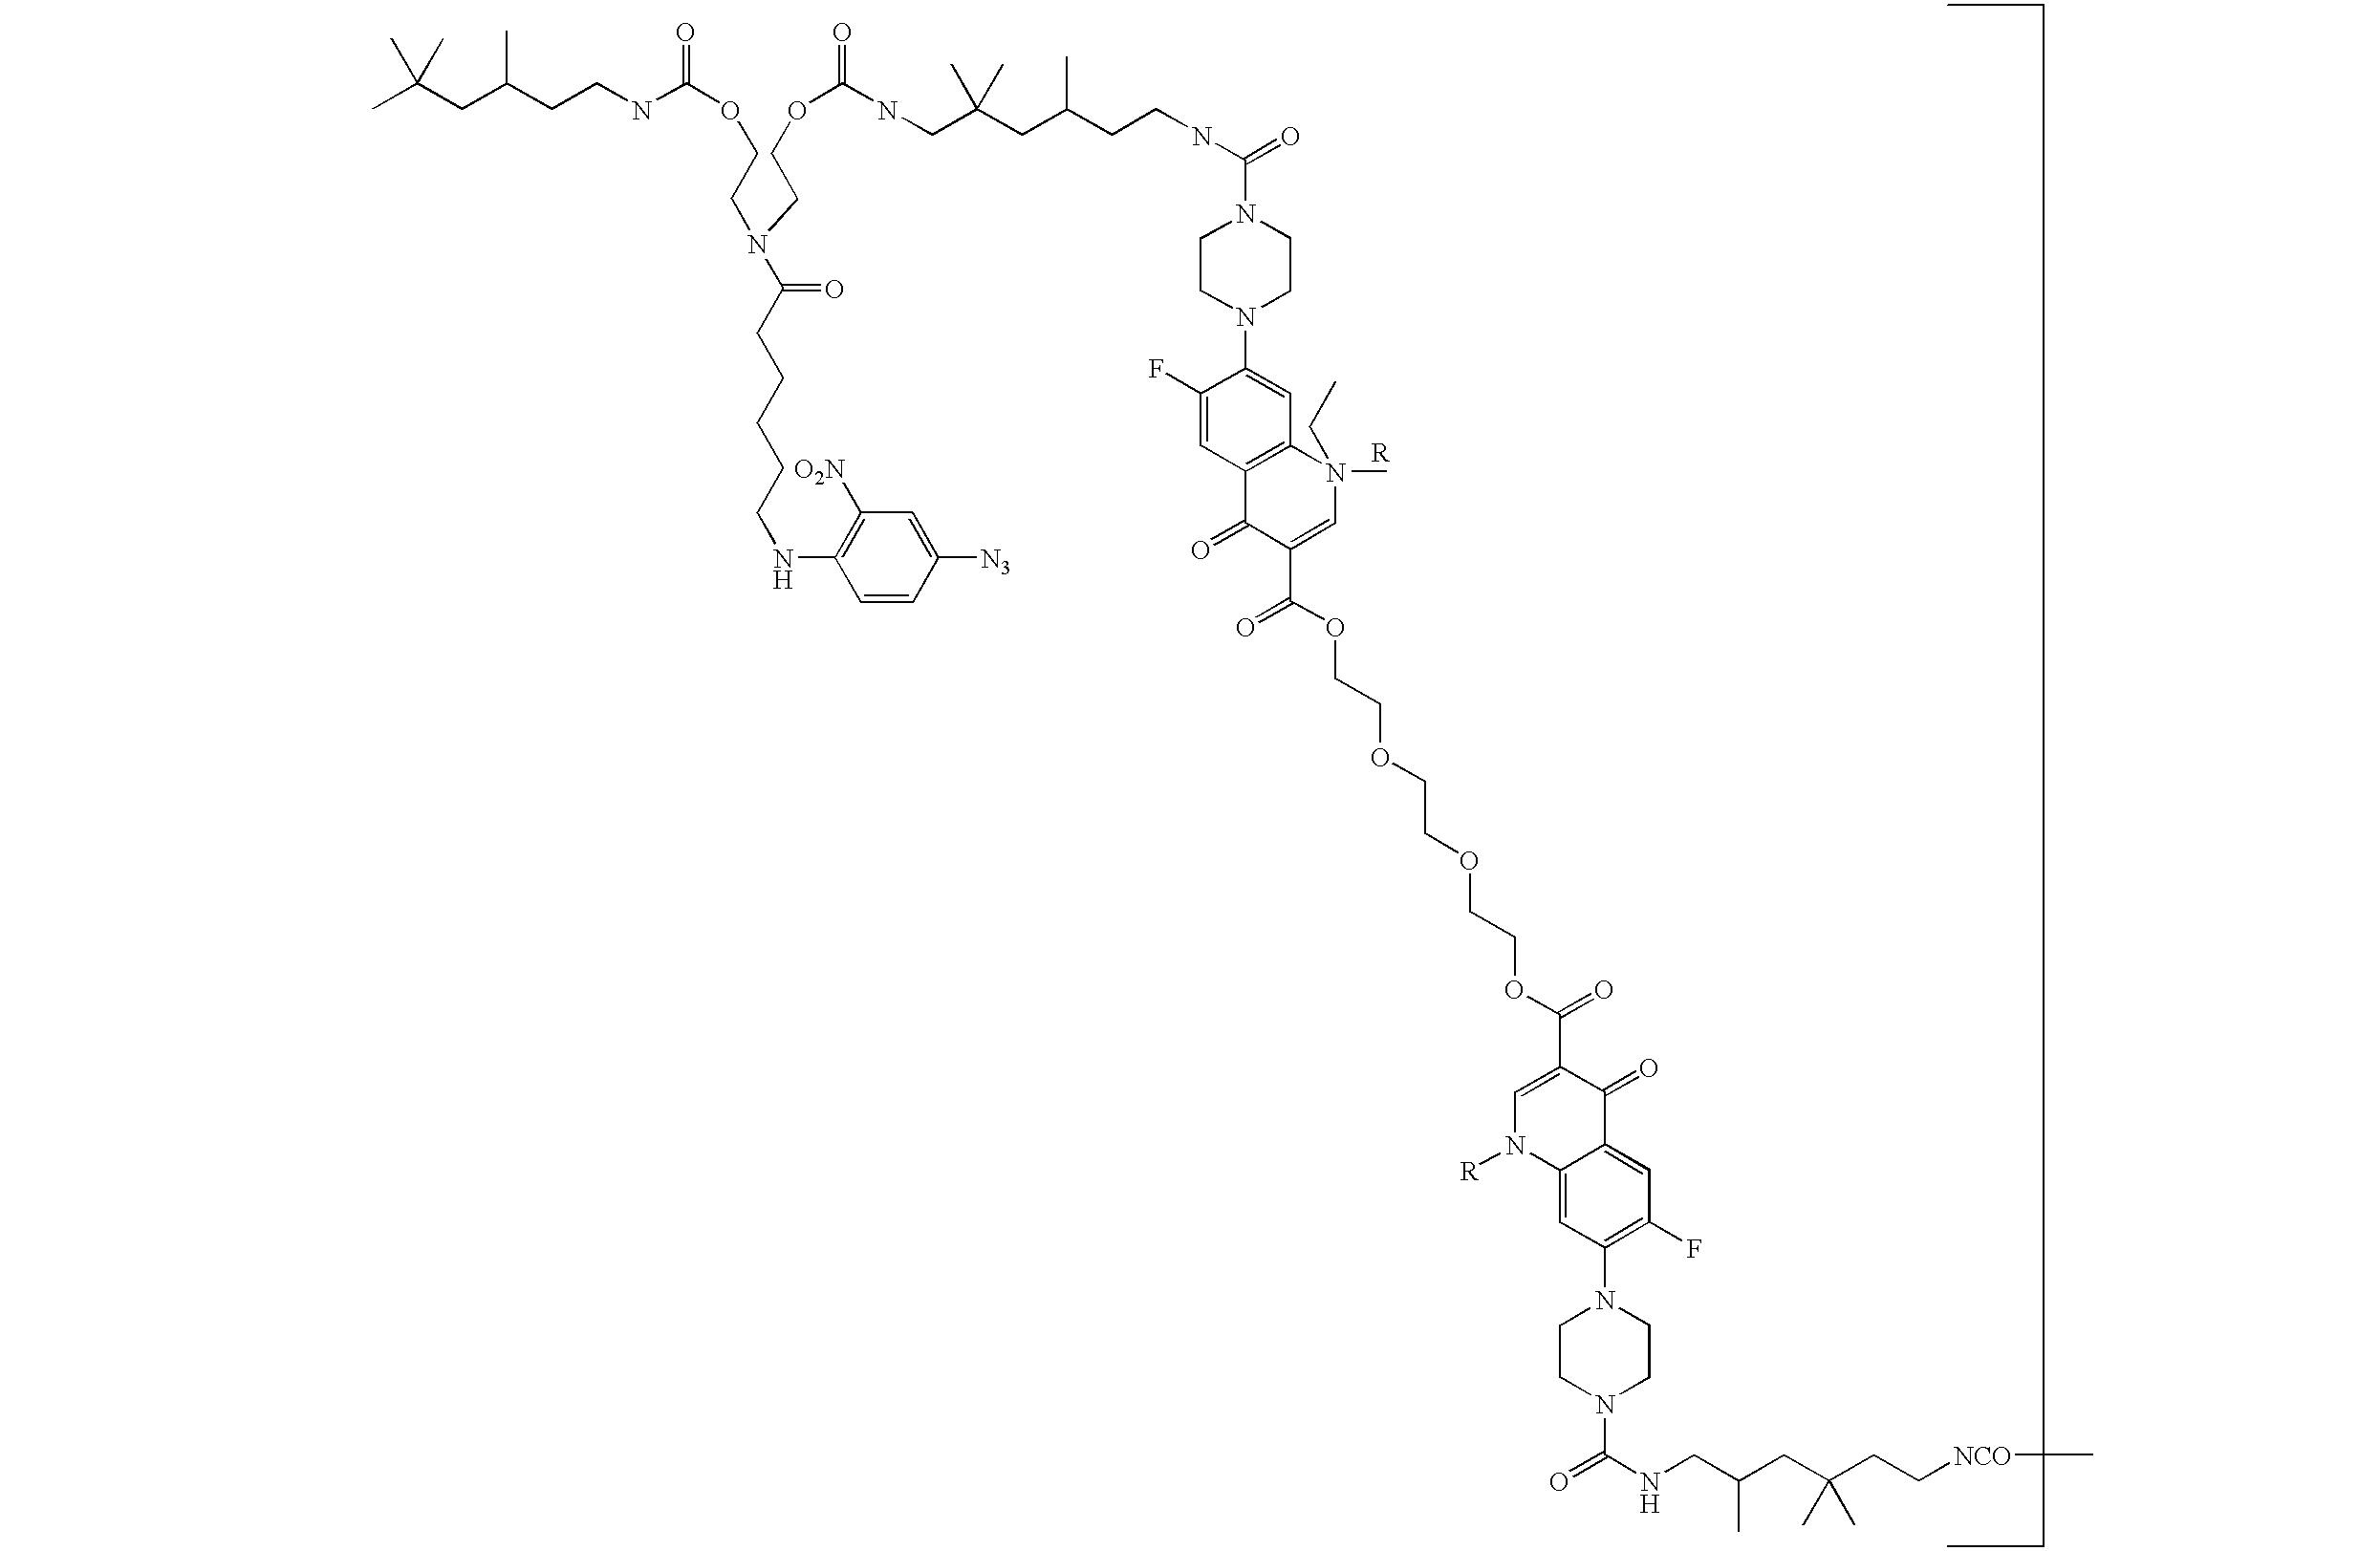 Figure US20100034862A1-20100211-C00027